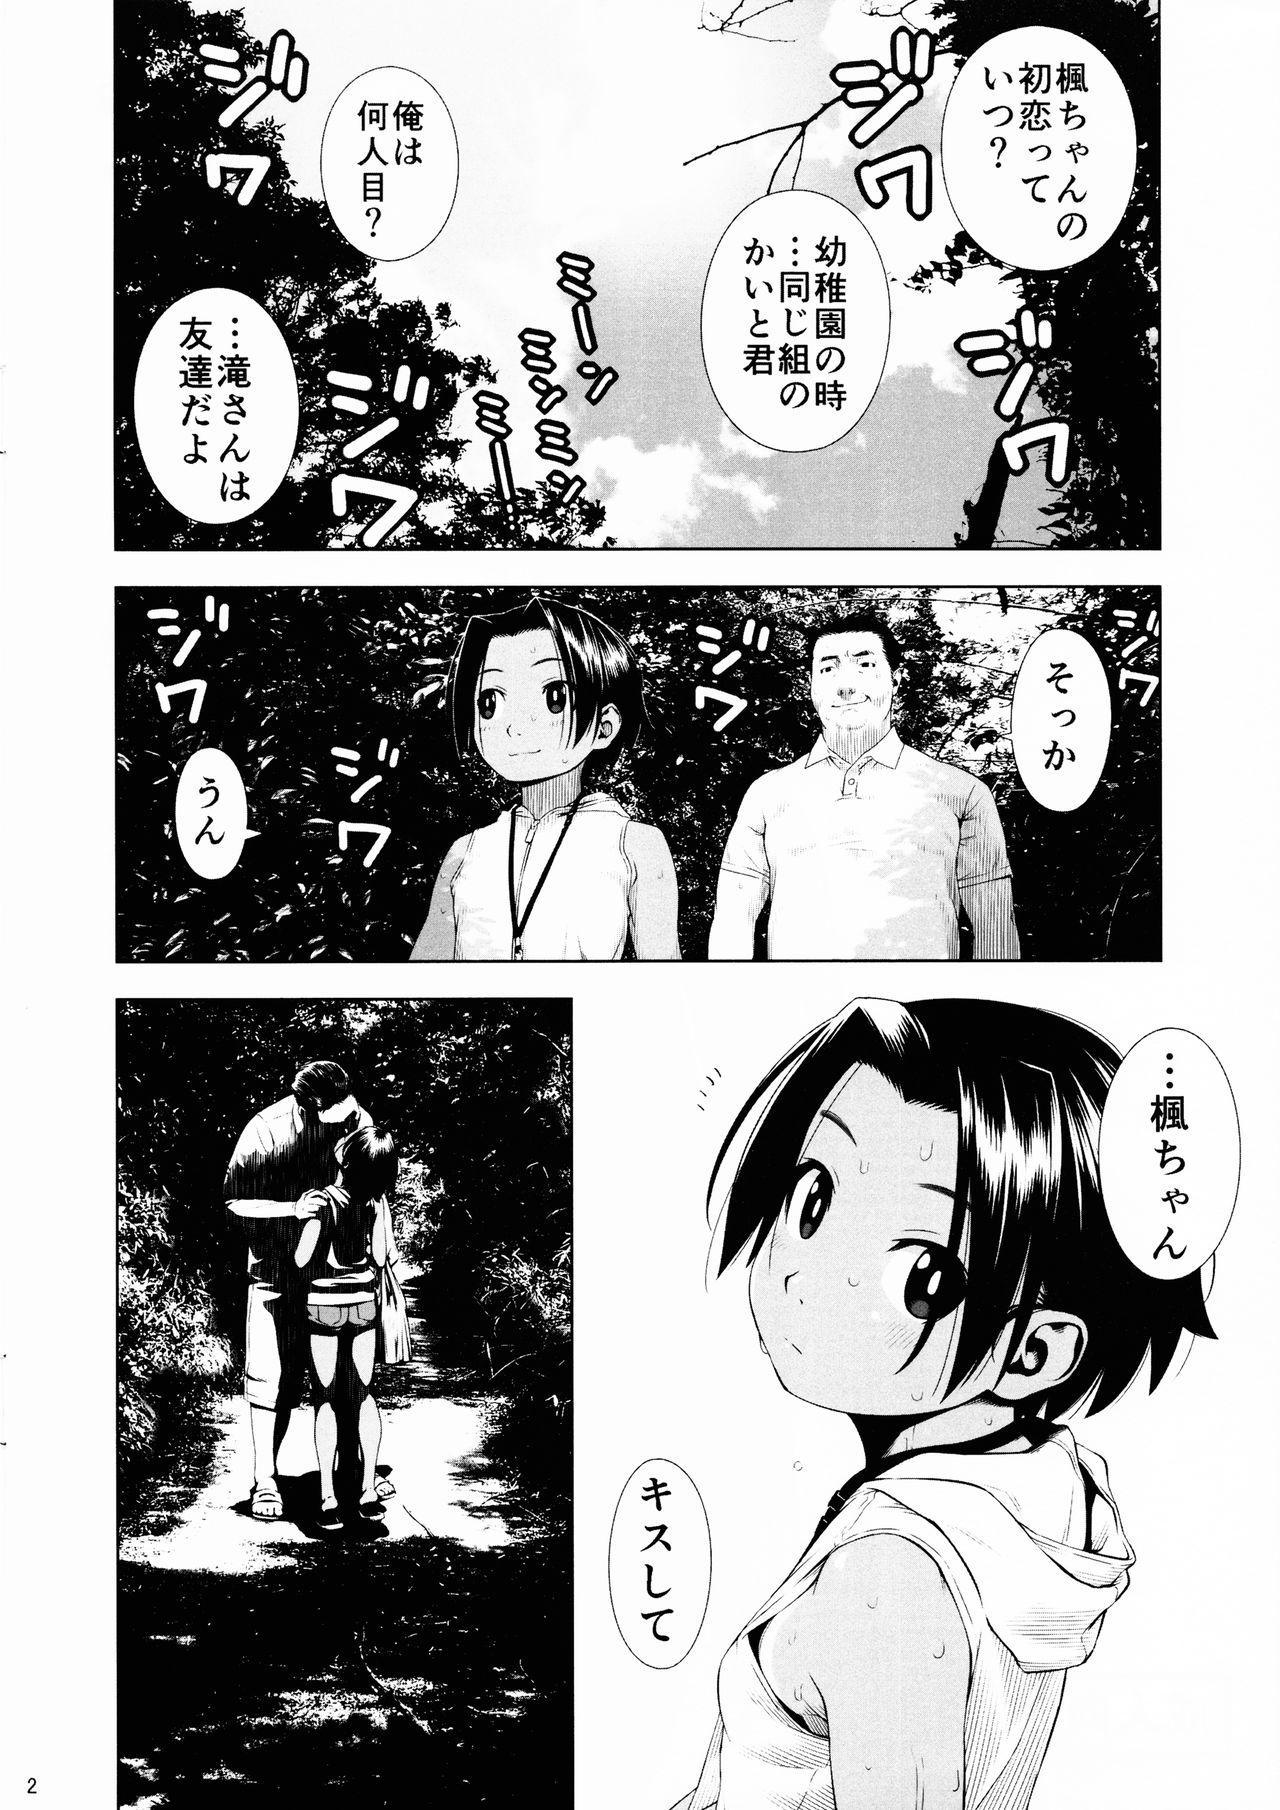 Hadaka no Hachigatsu 1